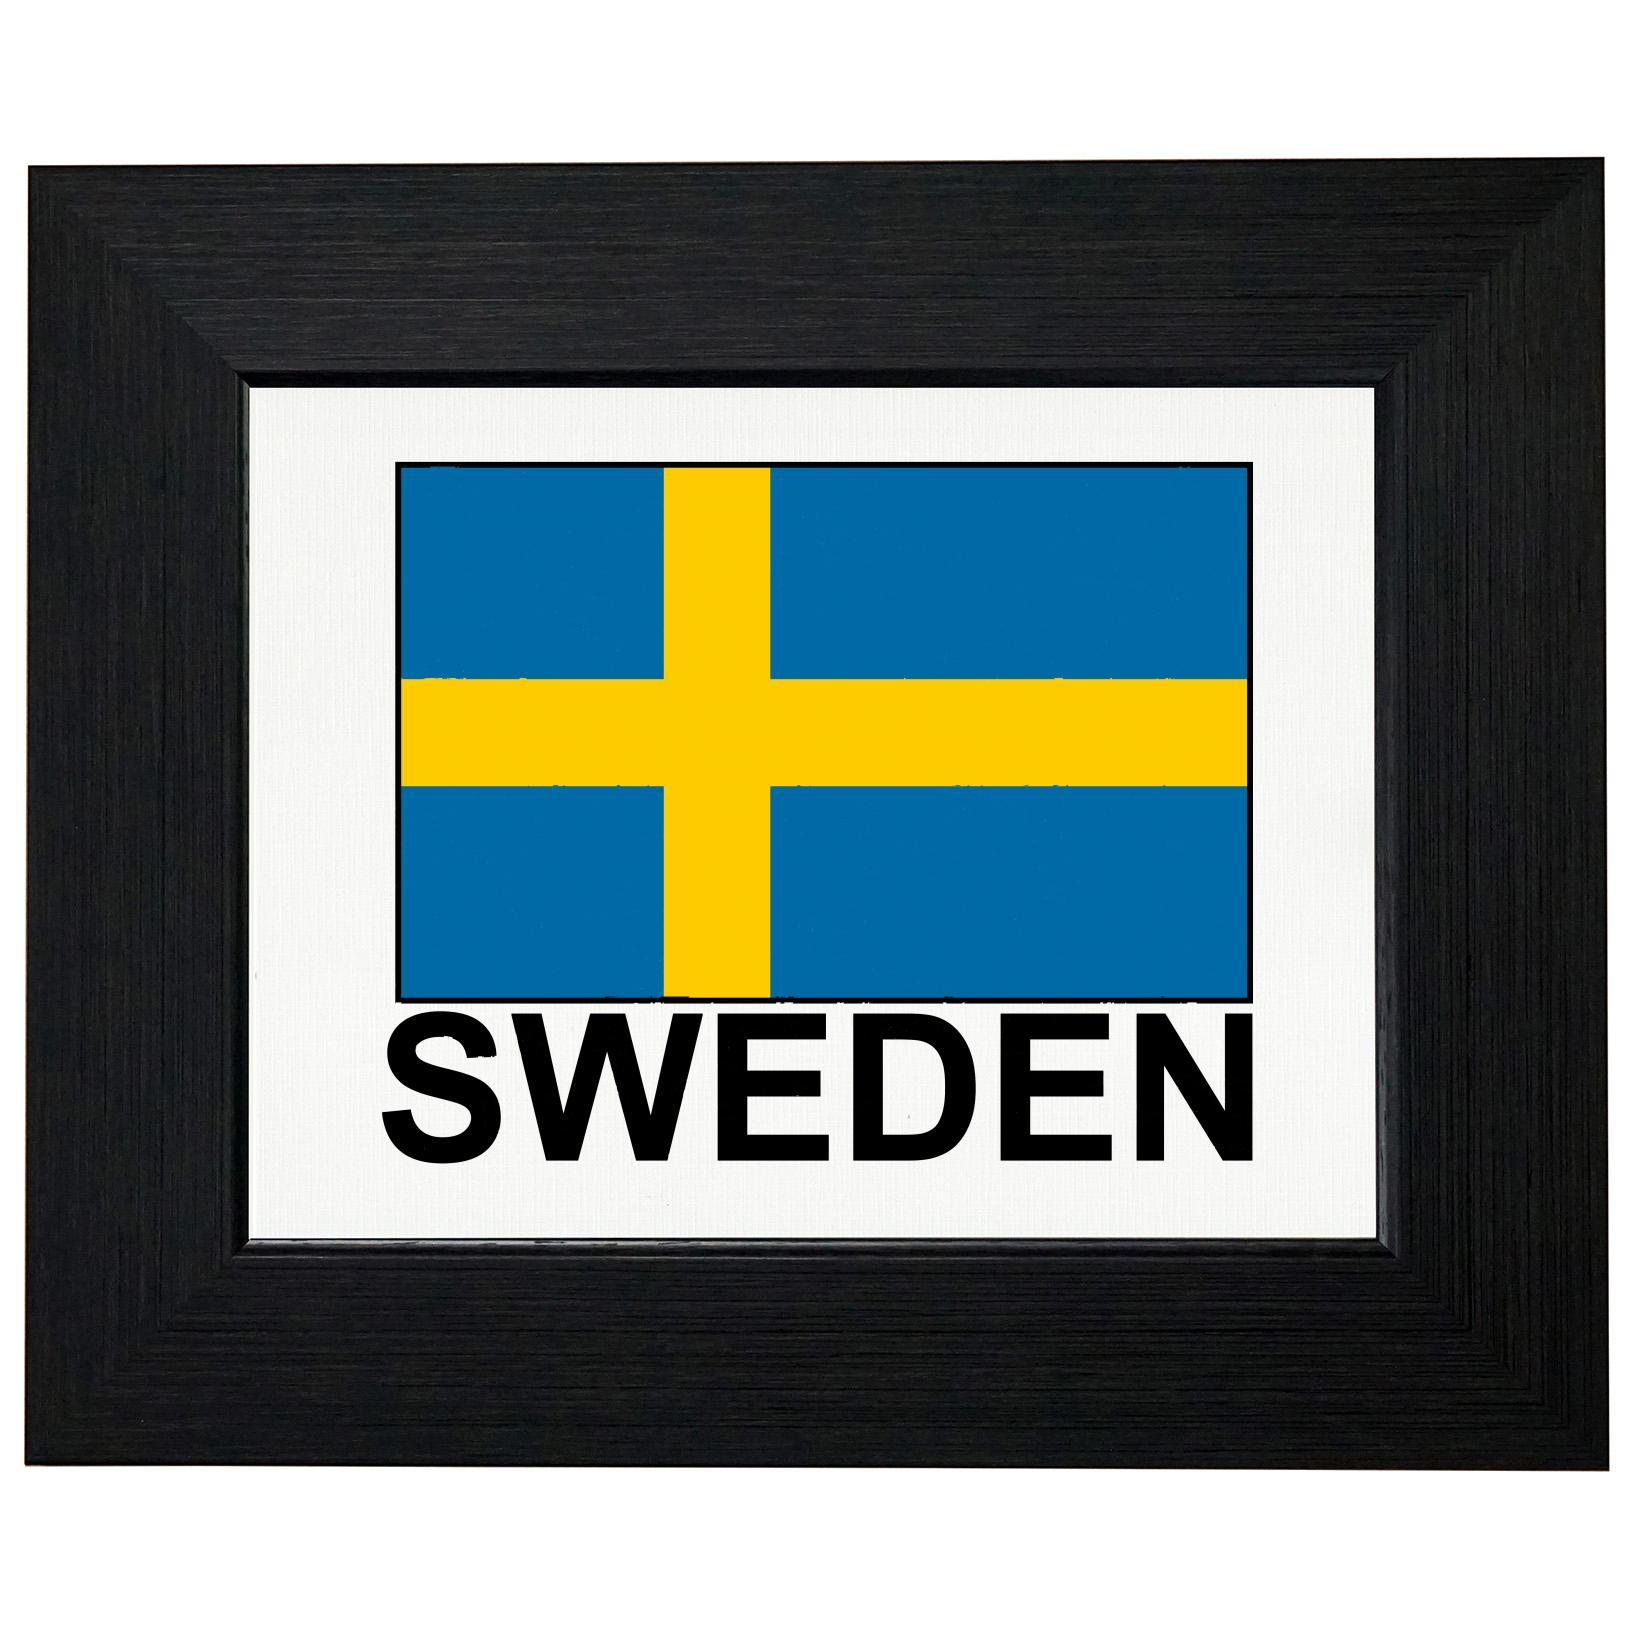 Sweden Flag - Special Vintage Edition Framed Print Poster Wall or Desk Mount Options